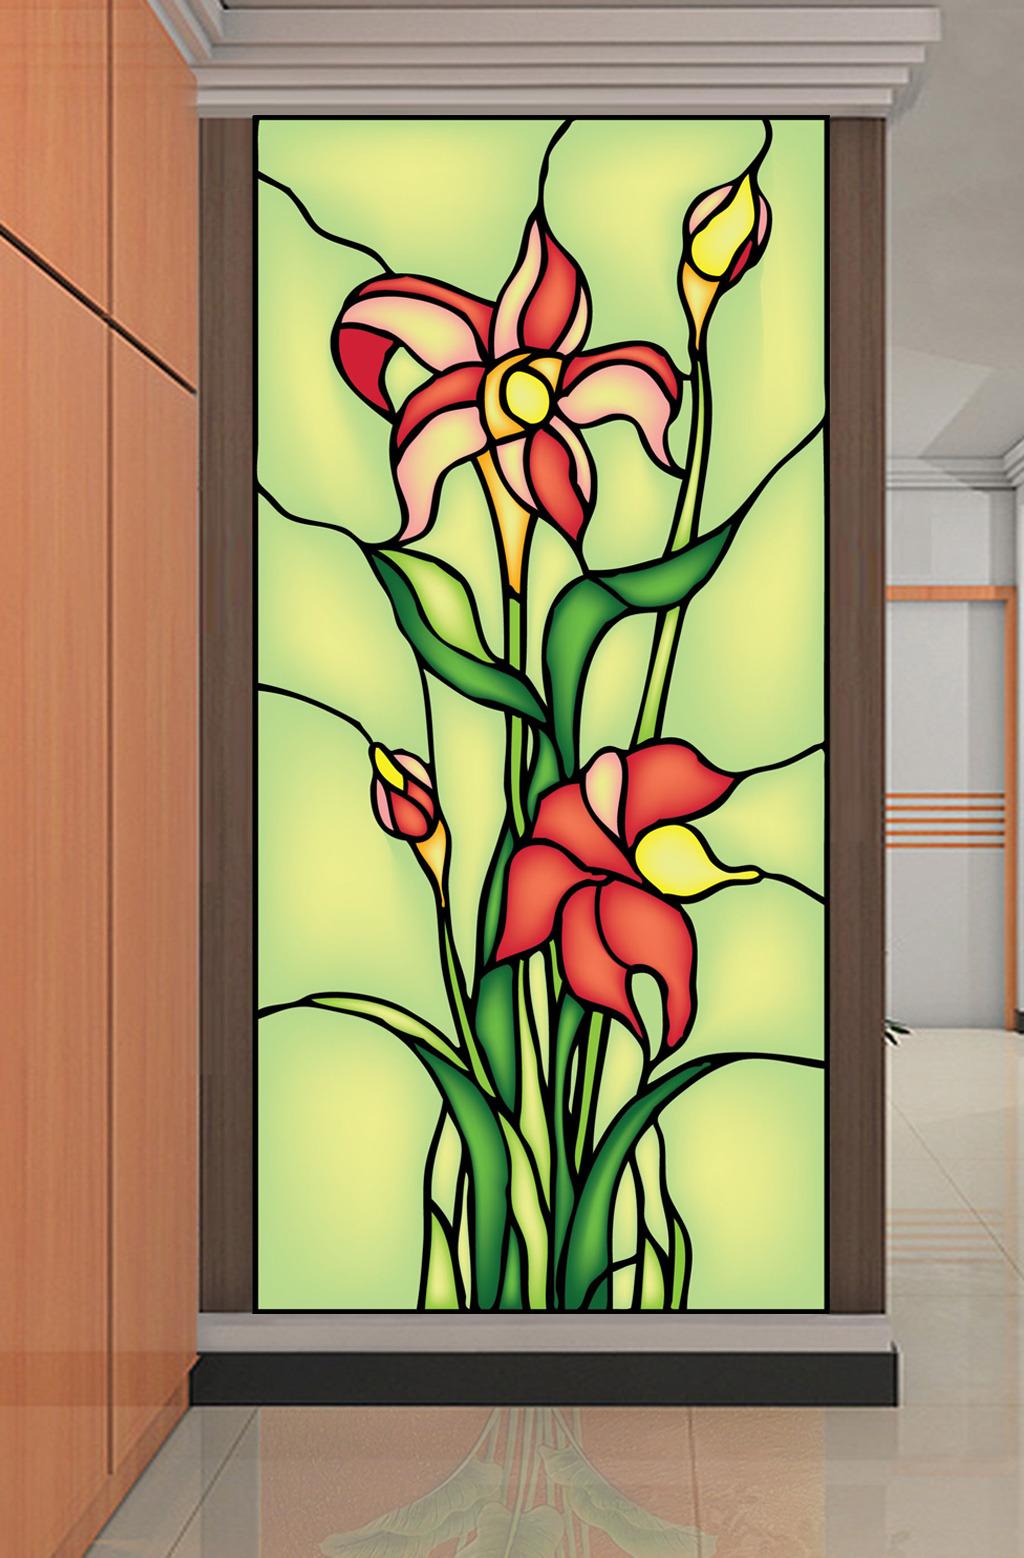 欧美彩色玻璃玄关隔断百合抽象矢量图